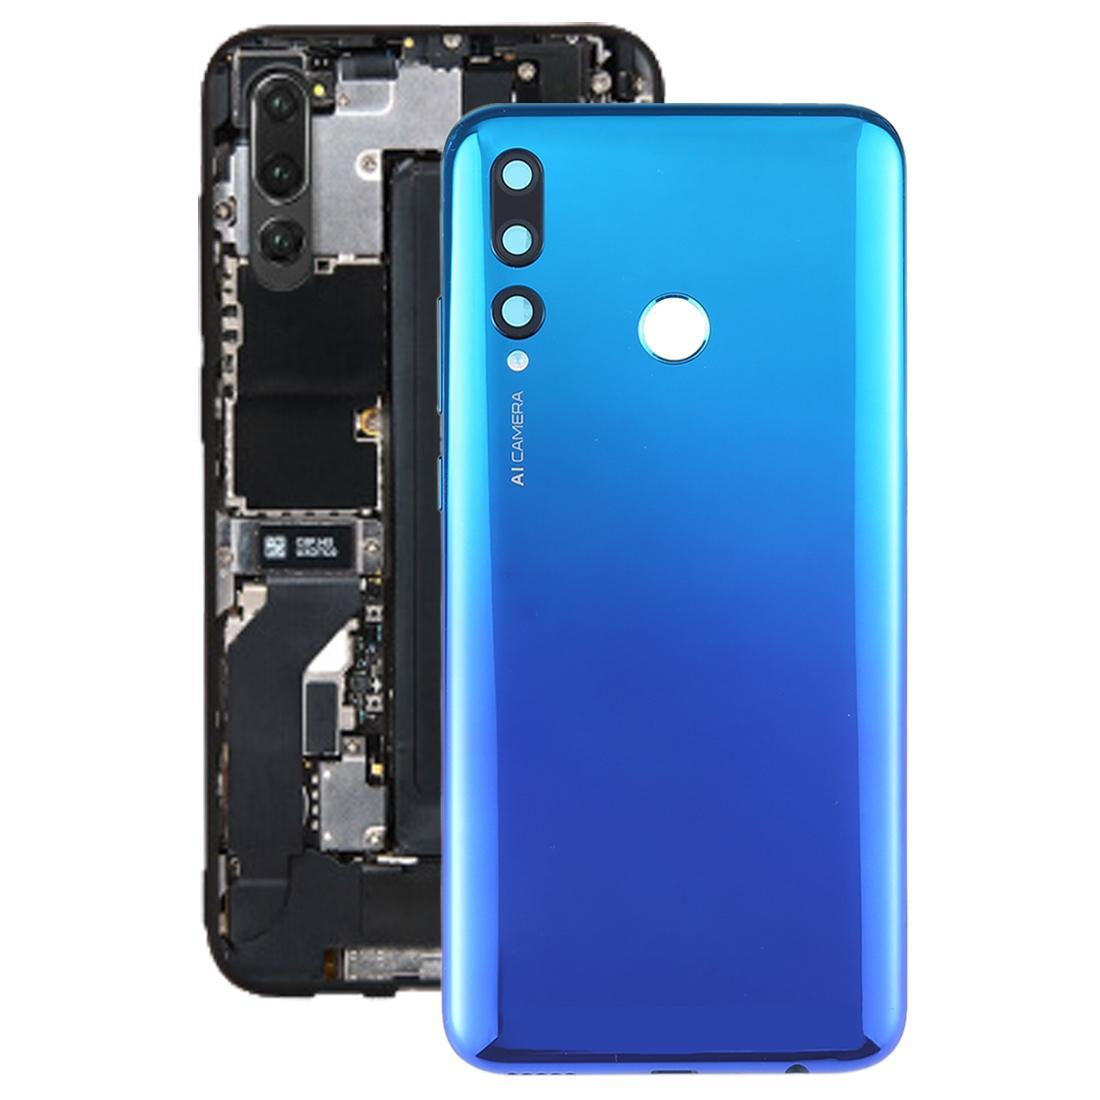 Batterie d'origine Couverture arrière avec lentille caméra pour Huawei P + intelligent 2019